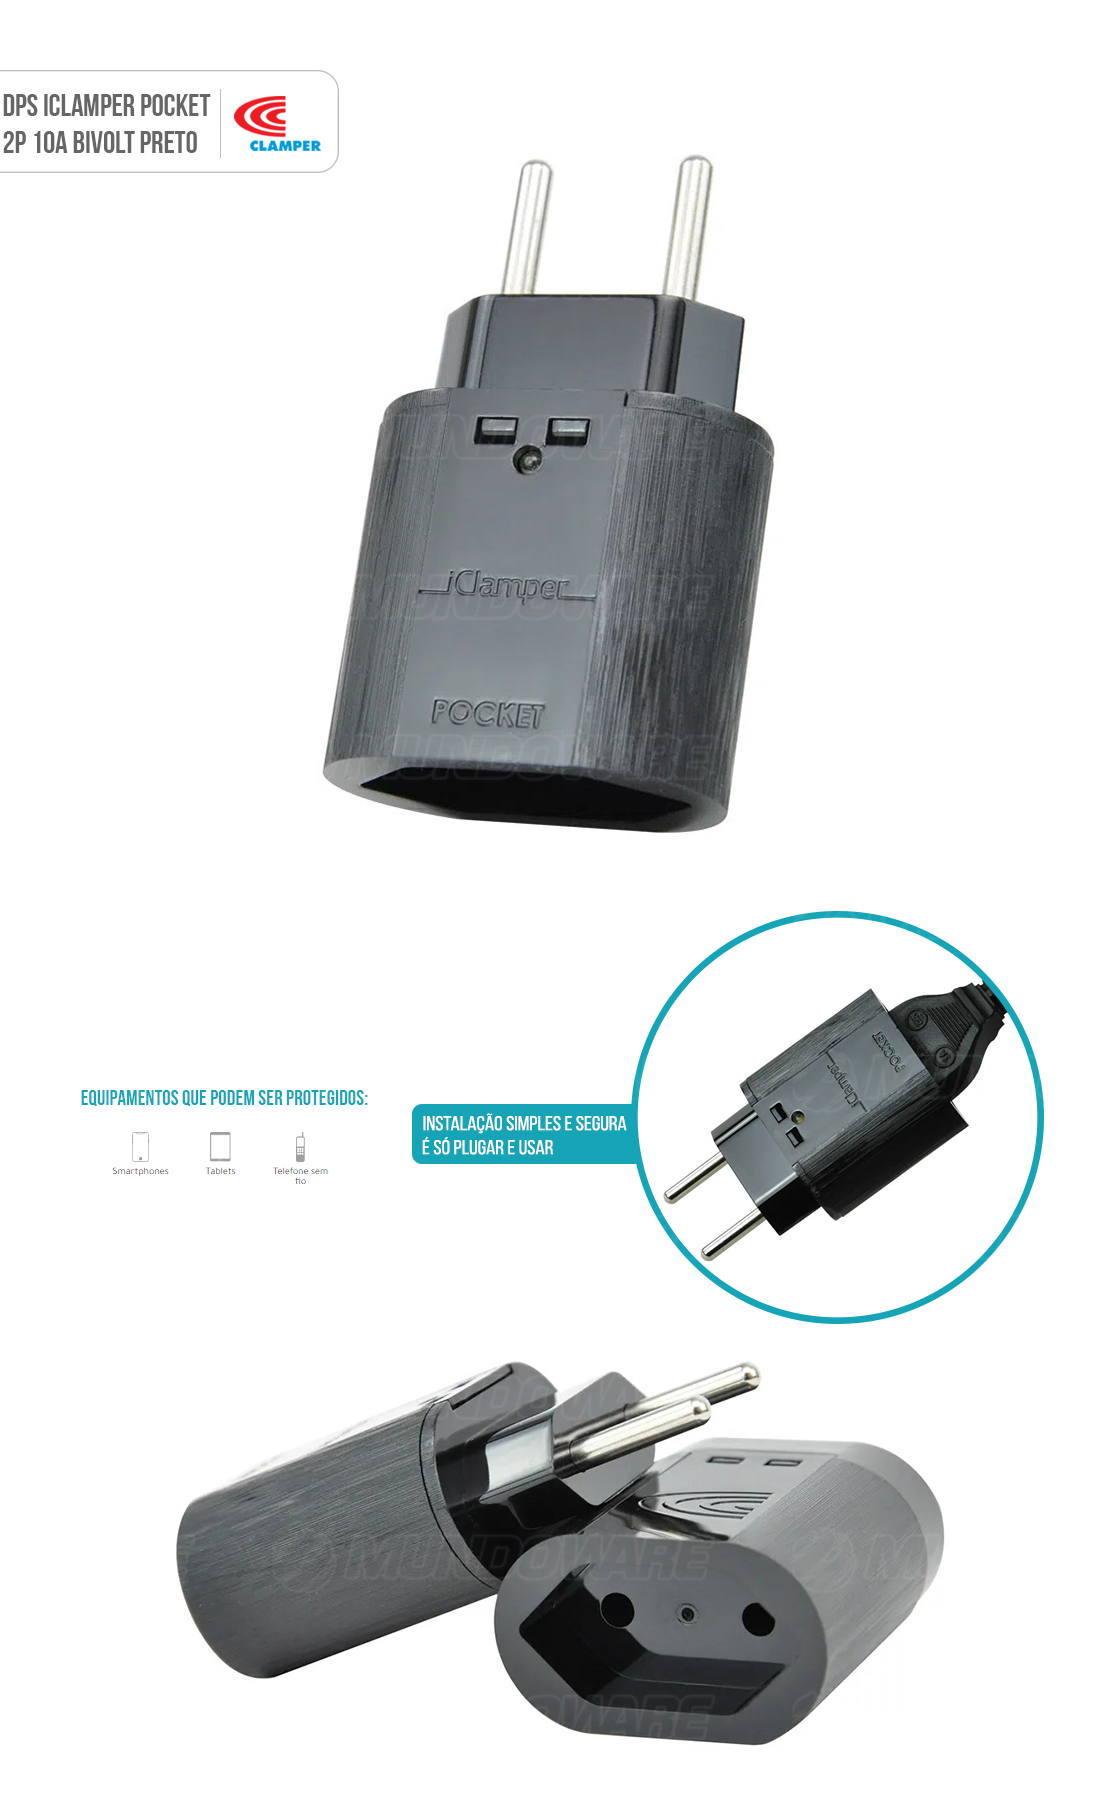 DPS iClamper Pocket 2 Pinos 10A Proteção contra Surtos Elétricos em Ambientes Sem Aterramento Clamper 2P Preto